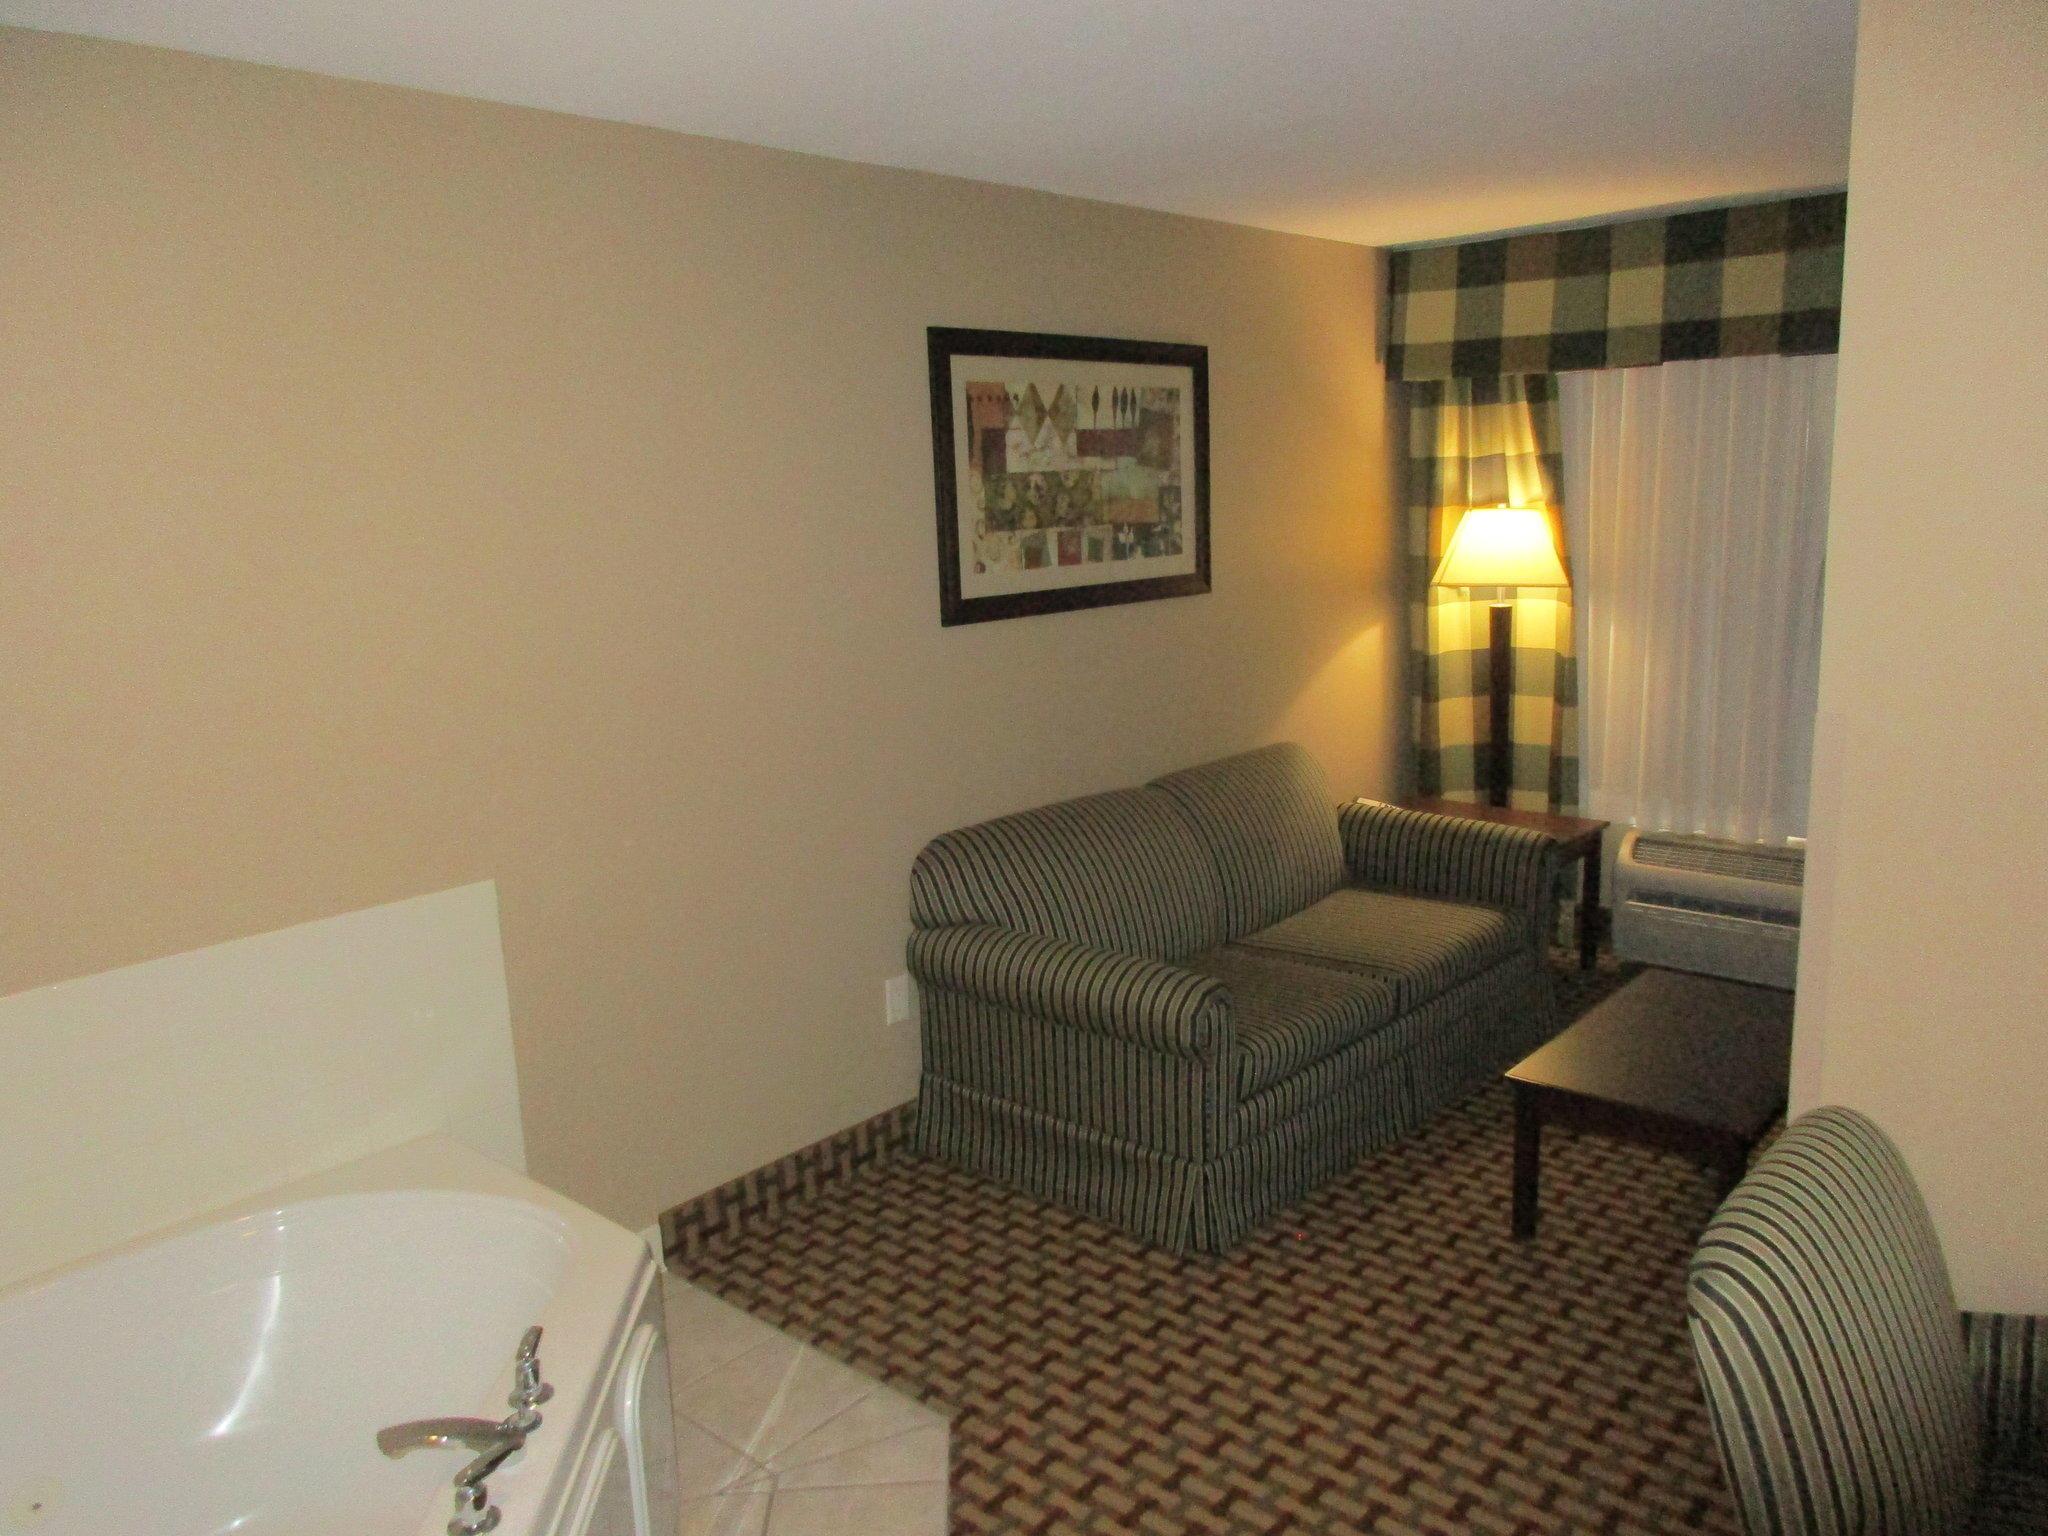 Holiday Inn Express O'Neill, an IHG Hotel